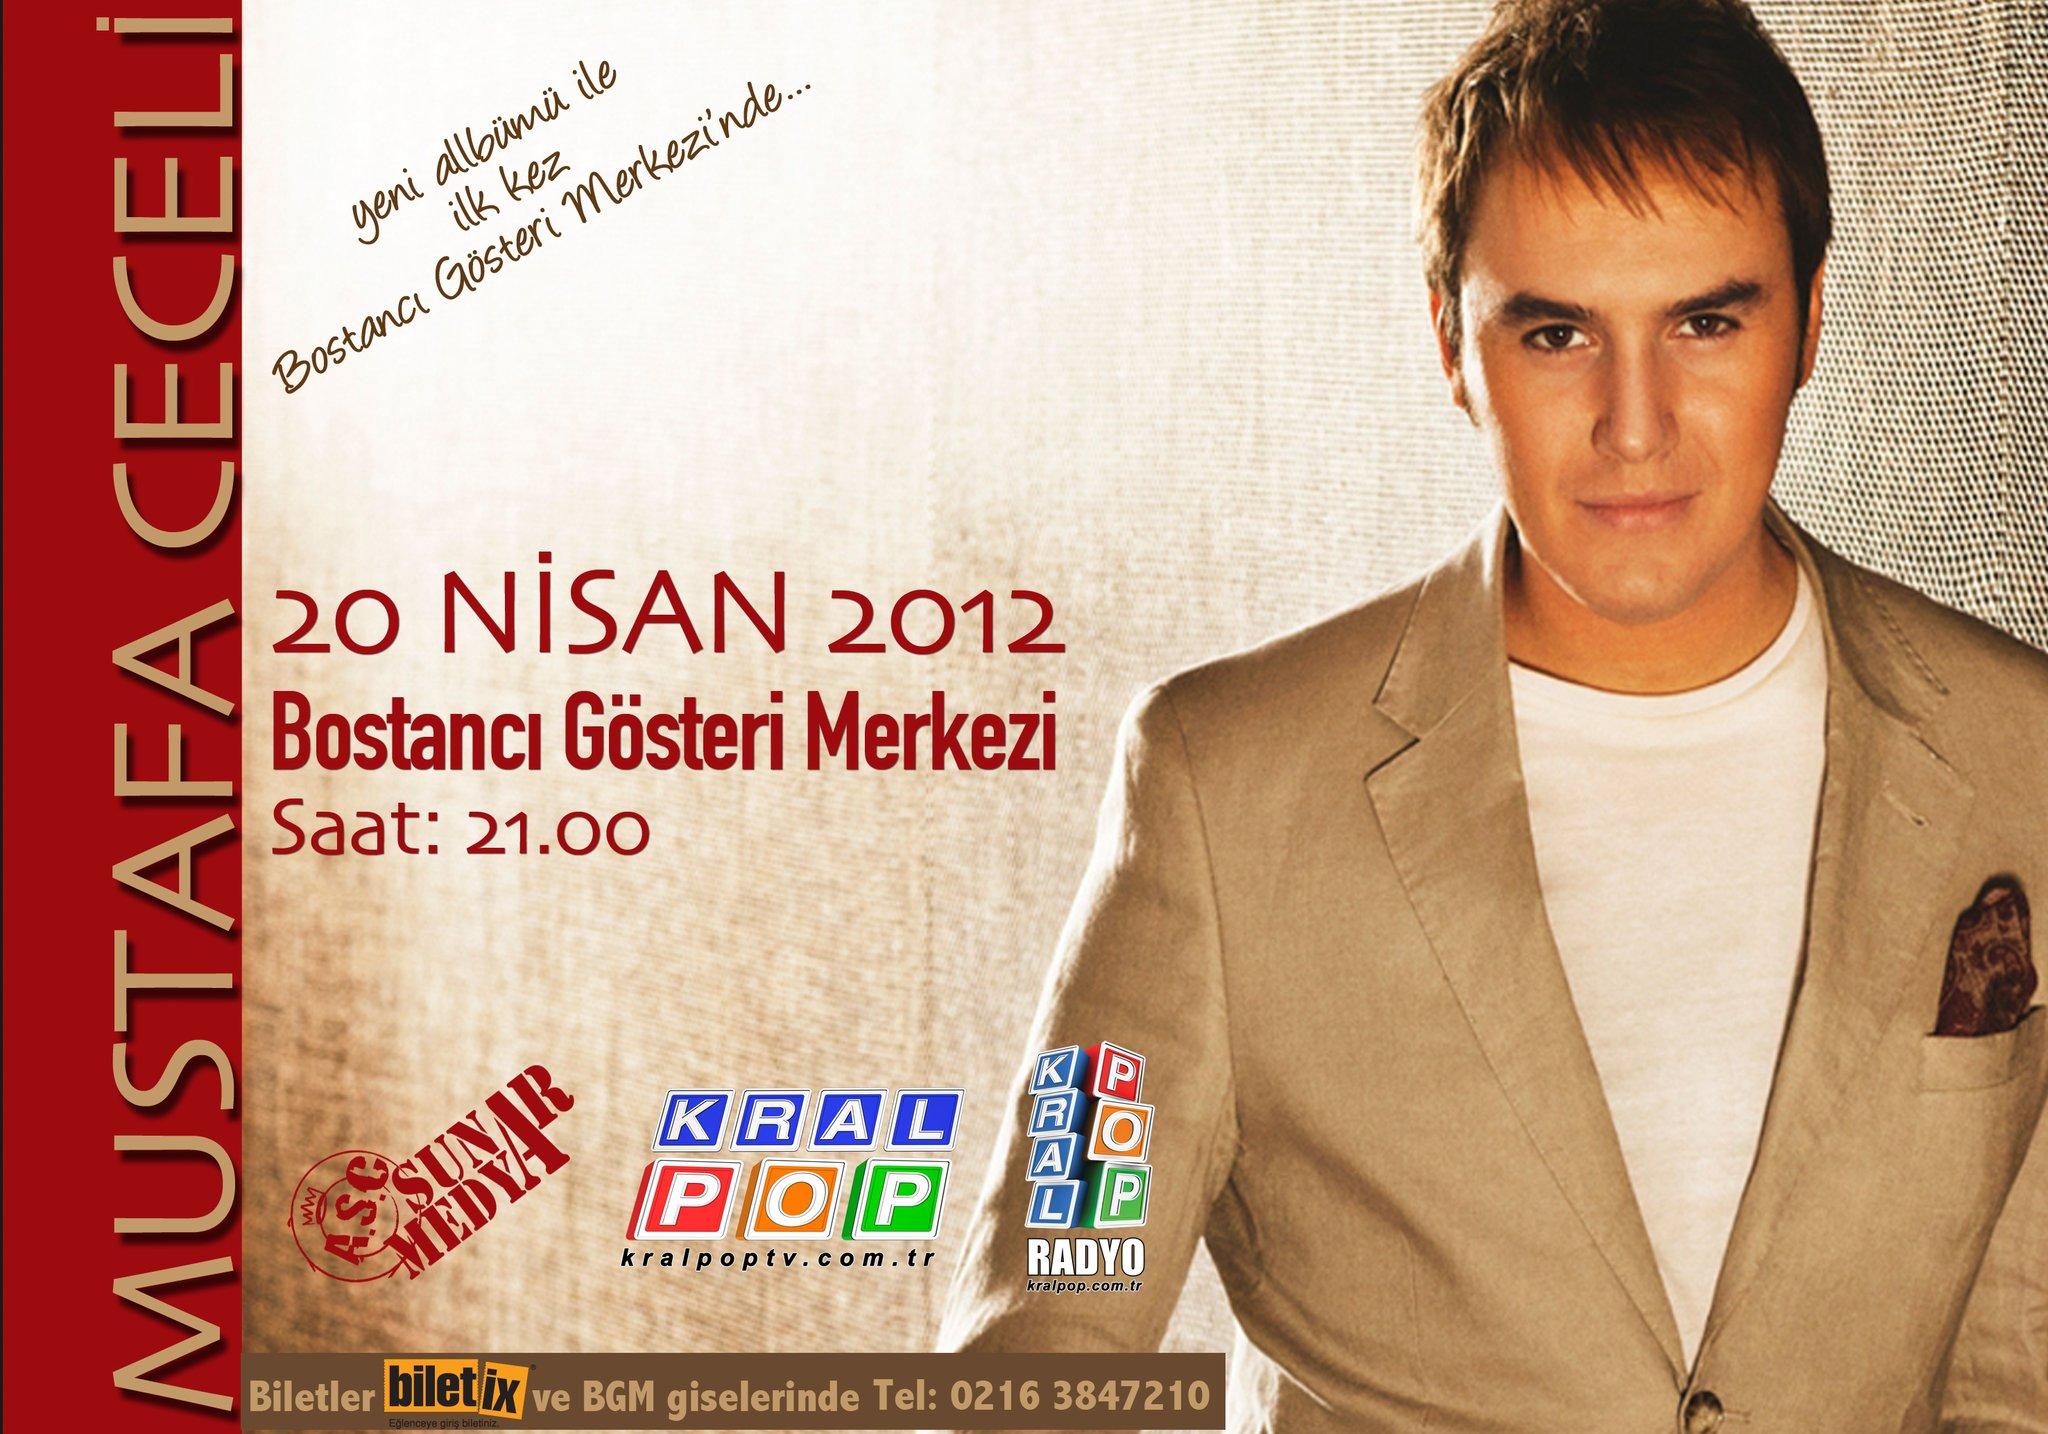 Mustafa Ceceli, yeni albümüyle ilk kez 20 Nisan cuma akşamı Bostancı Gösteri Merkezi'nde! Medya sponsoru Kral Pop! http://t.co/cW86ymHW